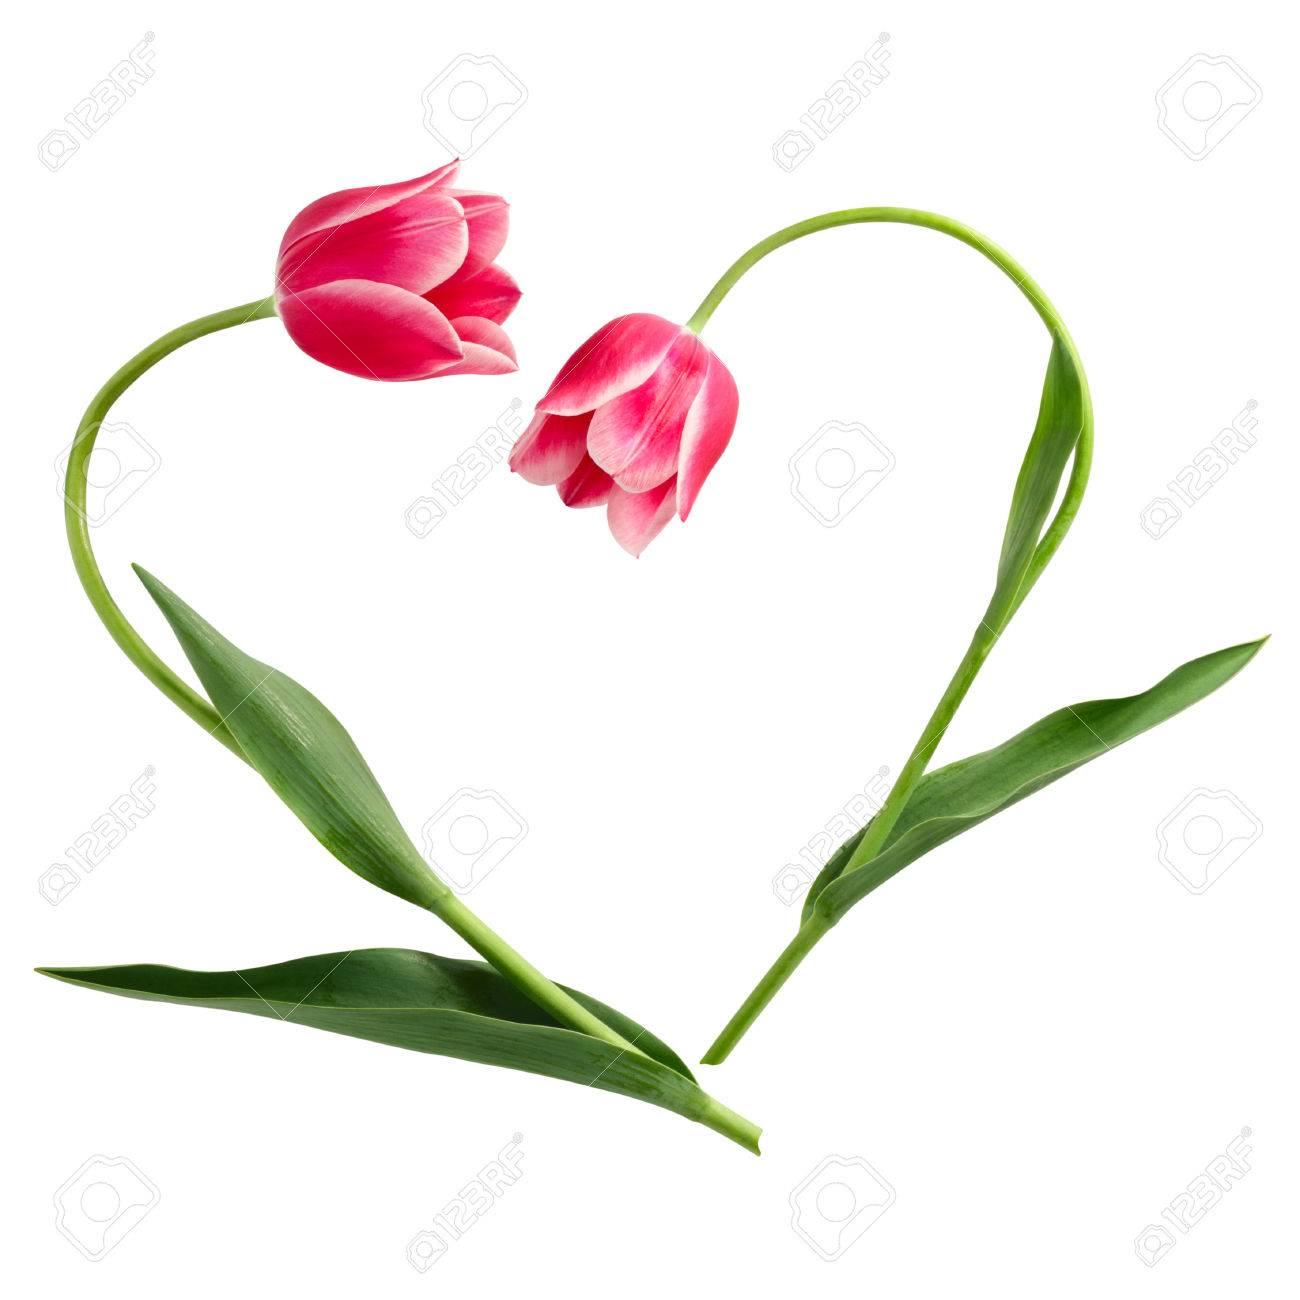 Patrón De Flores La Forma De Corazón De Dos Tulipanes Fotos